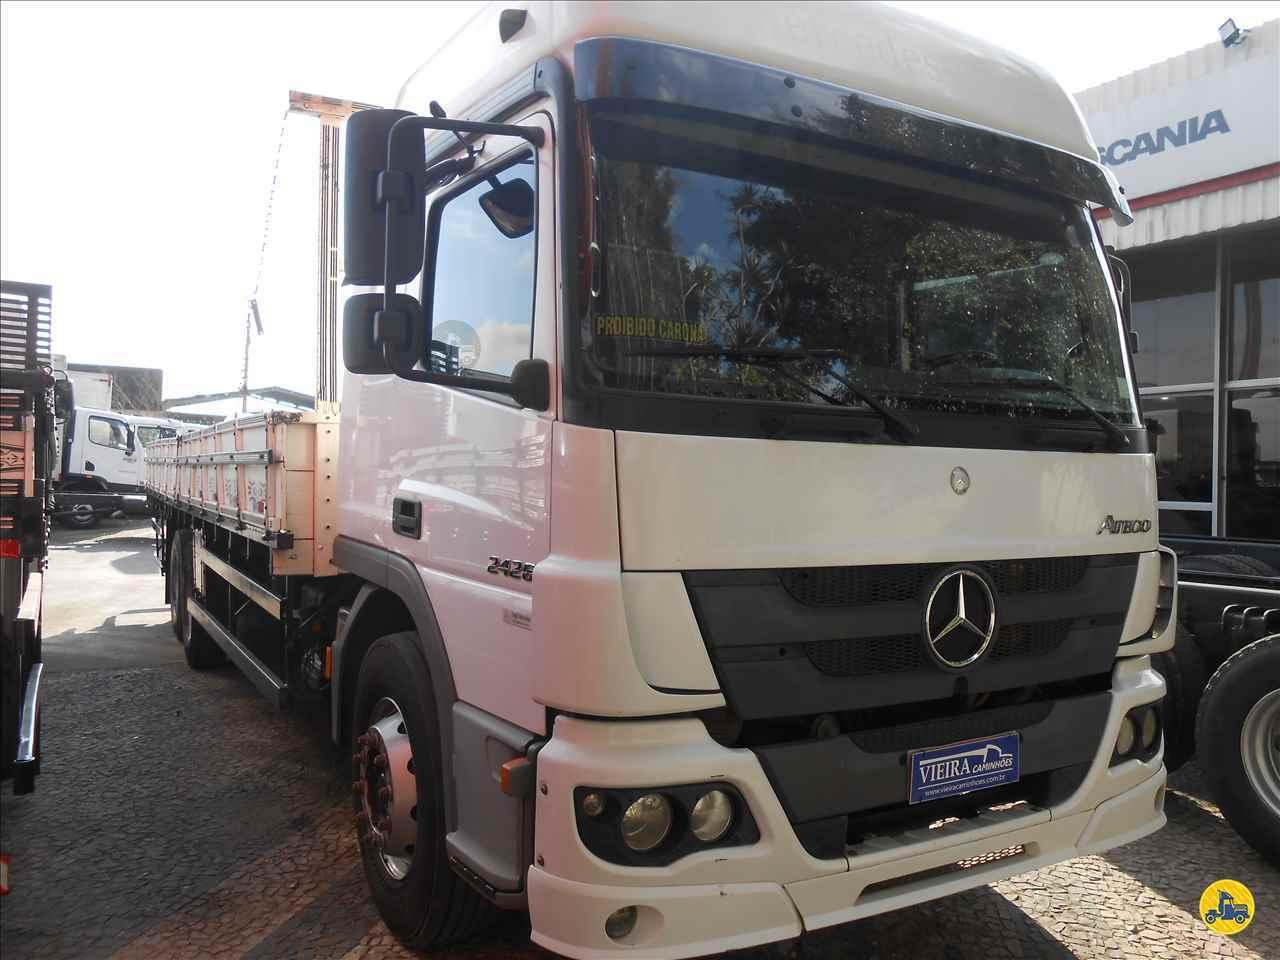 CAMINHAO MERCEDES-BENZ MB 2426 Carga Seca Truck 6x2 Vieira Caminhões CURITIBA PARANÁ PR